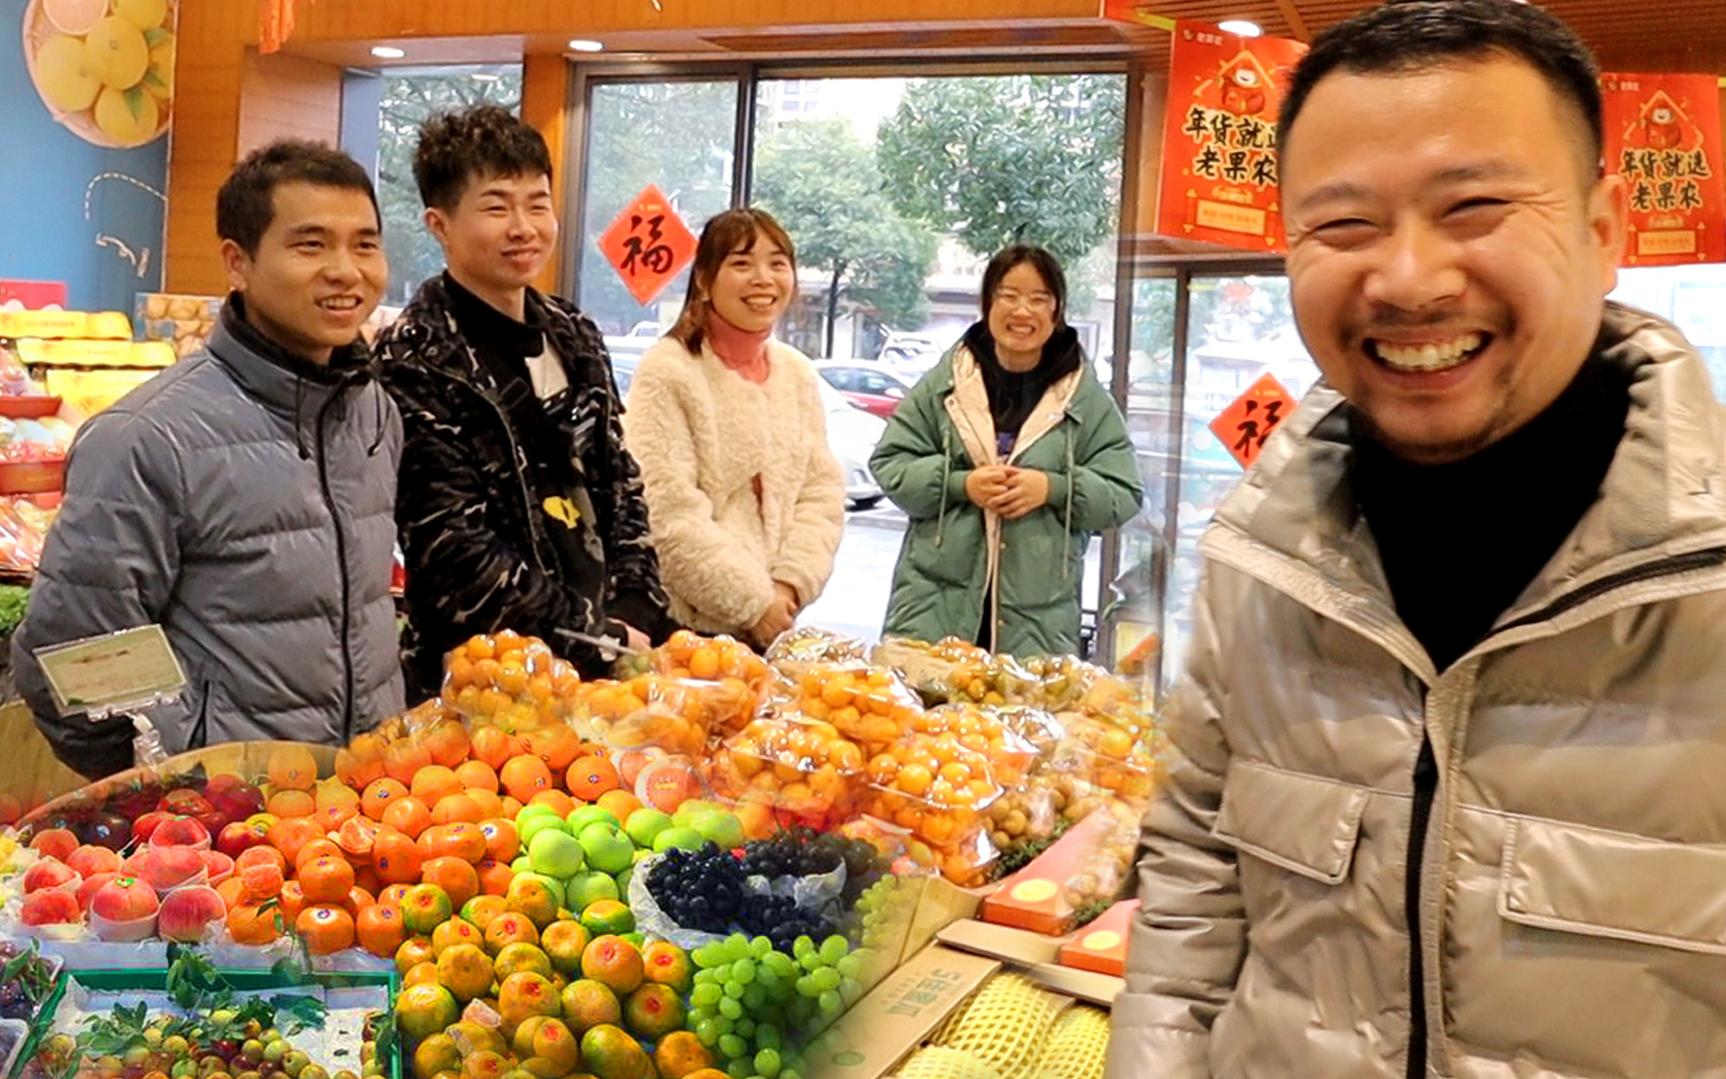 限时一分钟狂抢水果店,一分钟就花掉了8000块钱